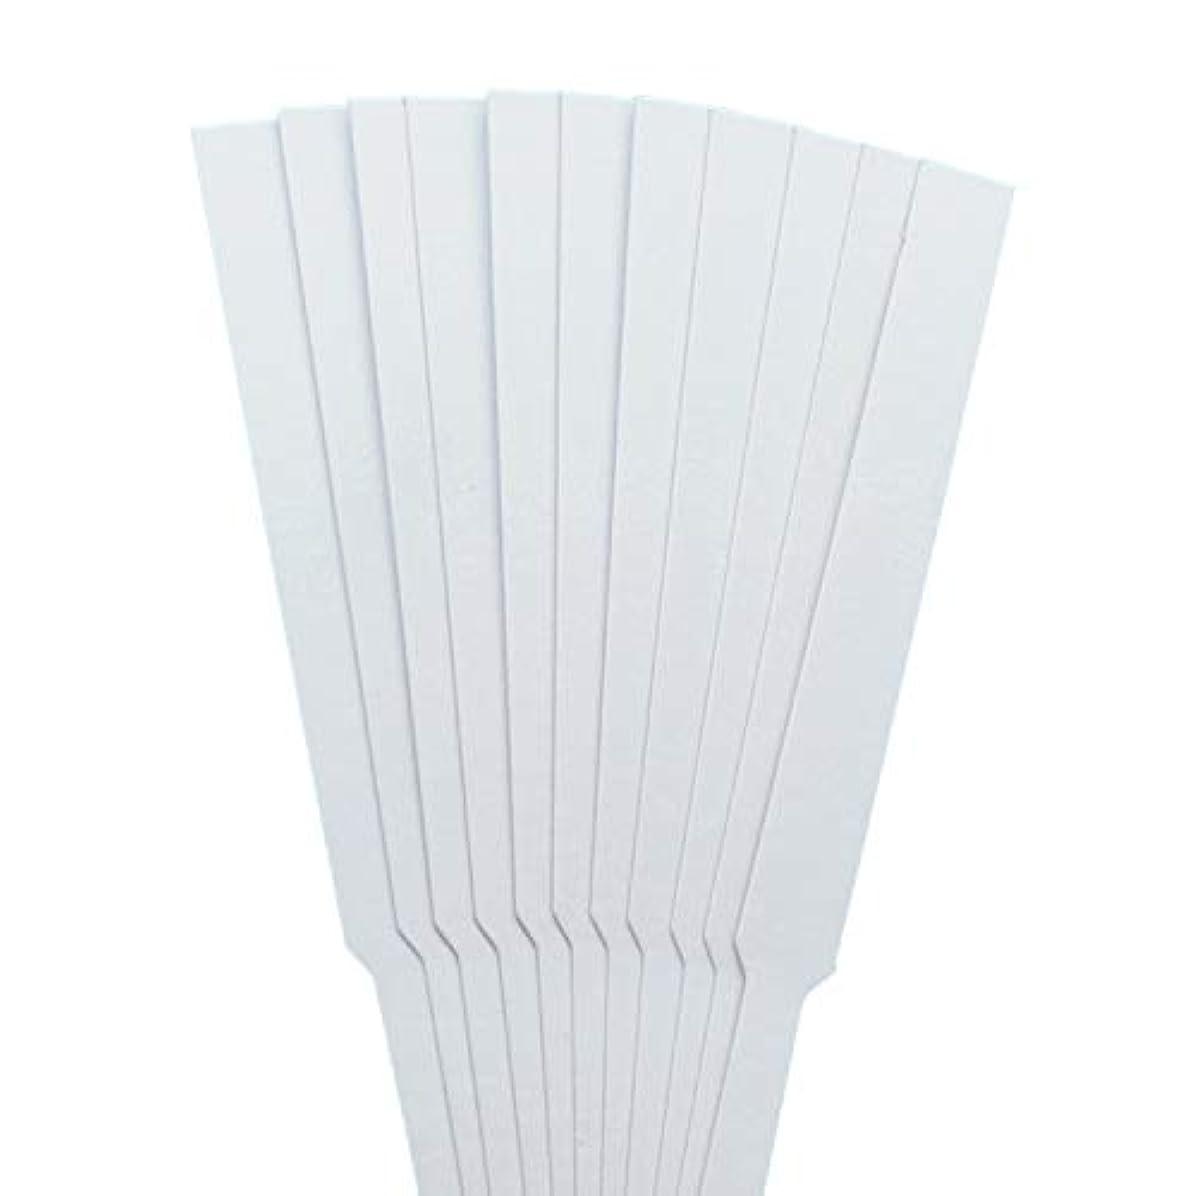 無効勝者人種ストリップテスト migavann テストストリップ 香りのアロマセラピーエッセンシャルオイルをテストするための100個の130×12ミリメートルの香水試験紙ストリップ